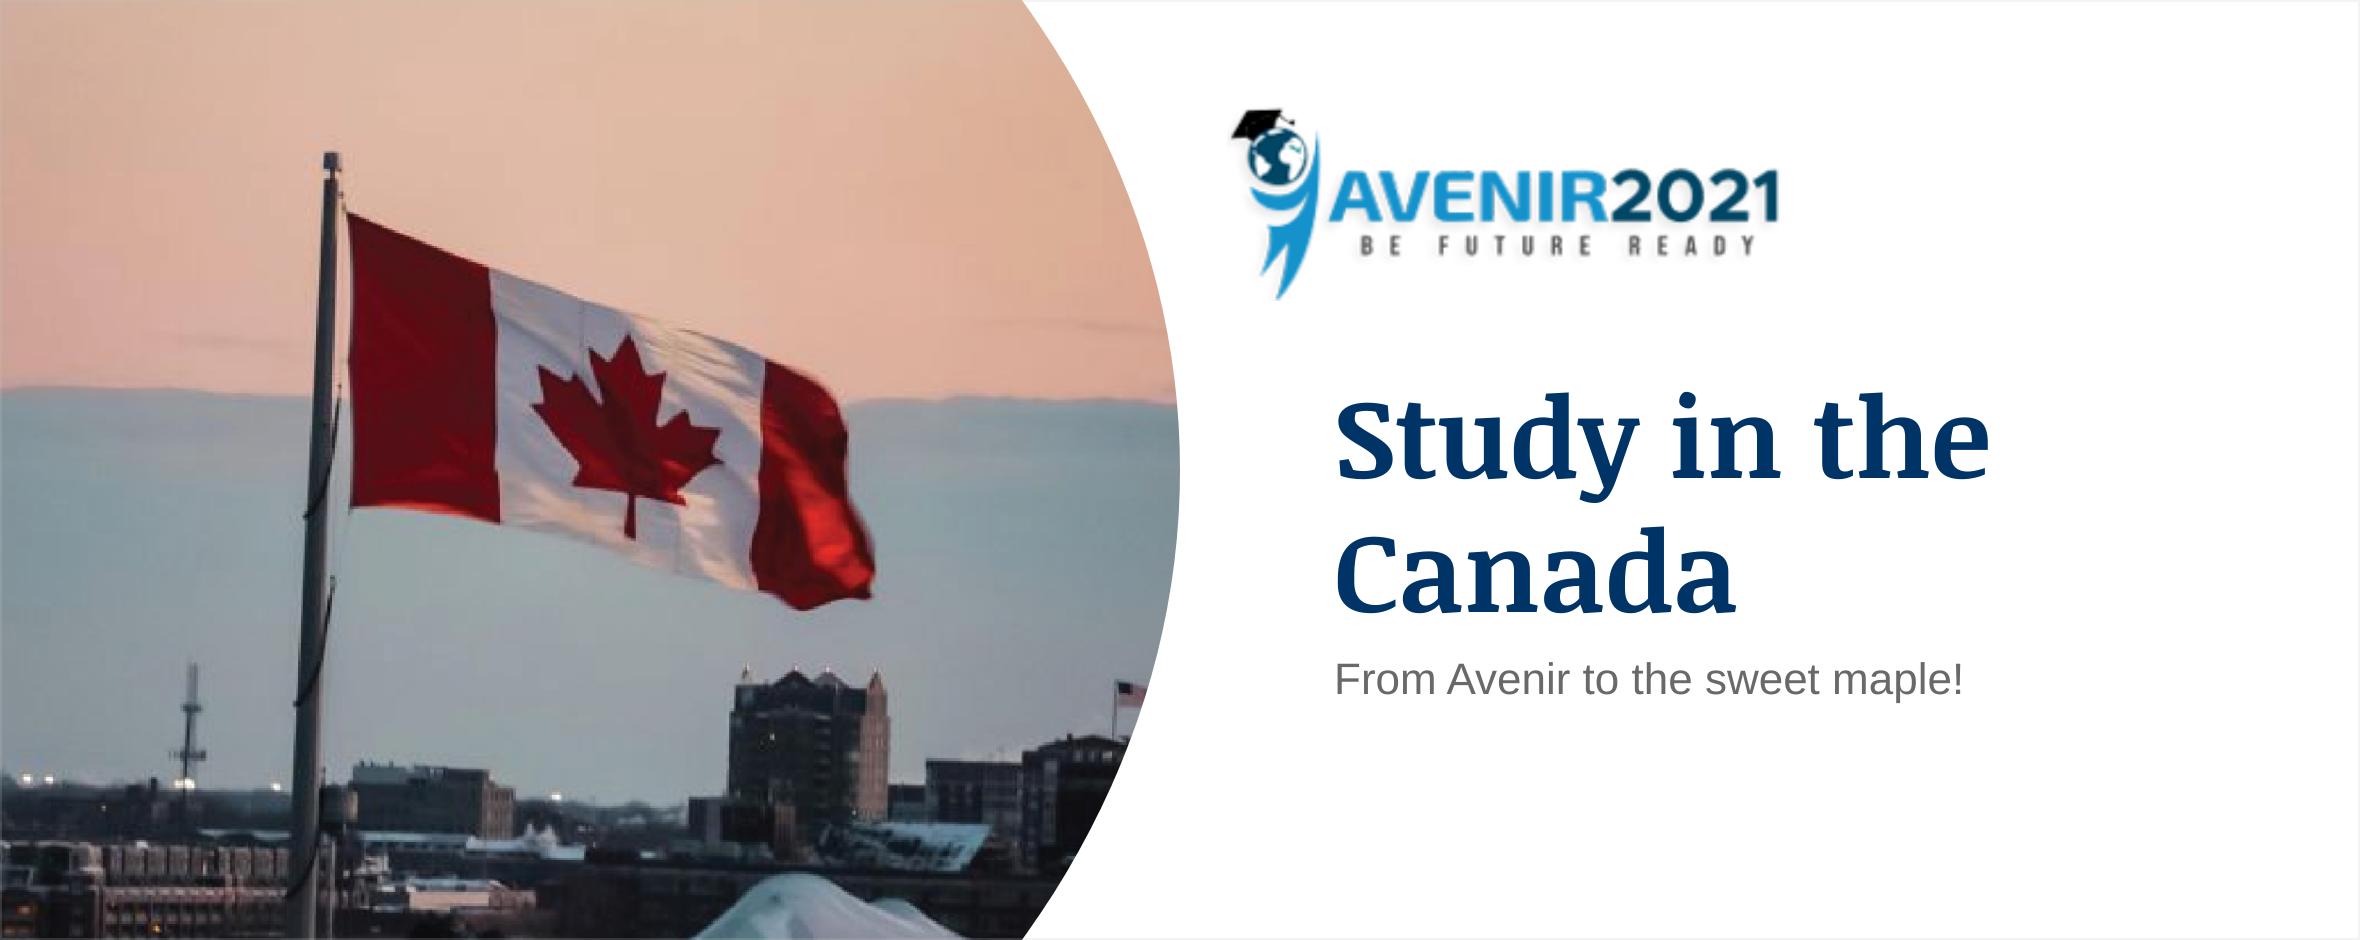 Register for Avenir 2021